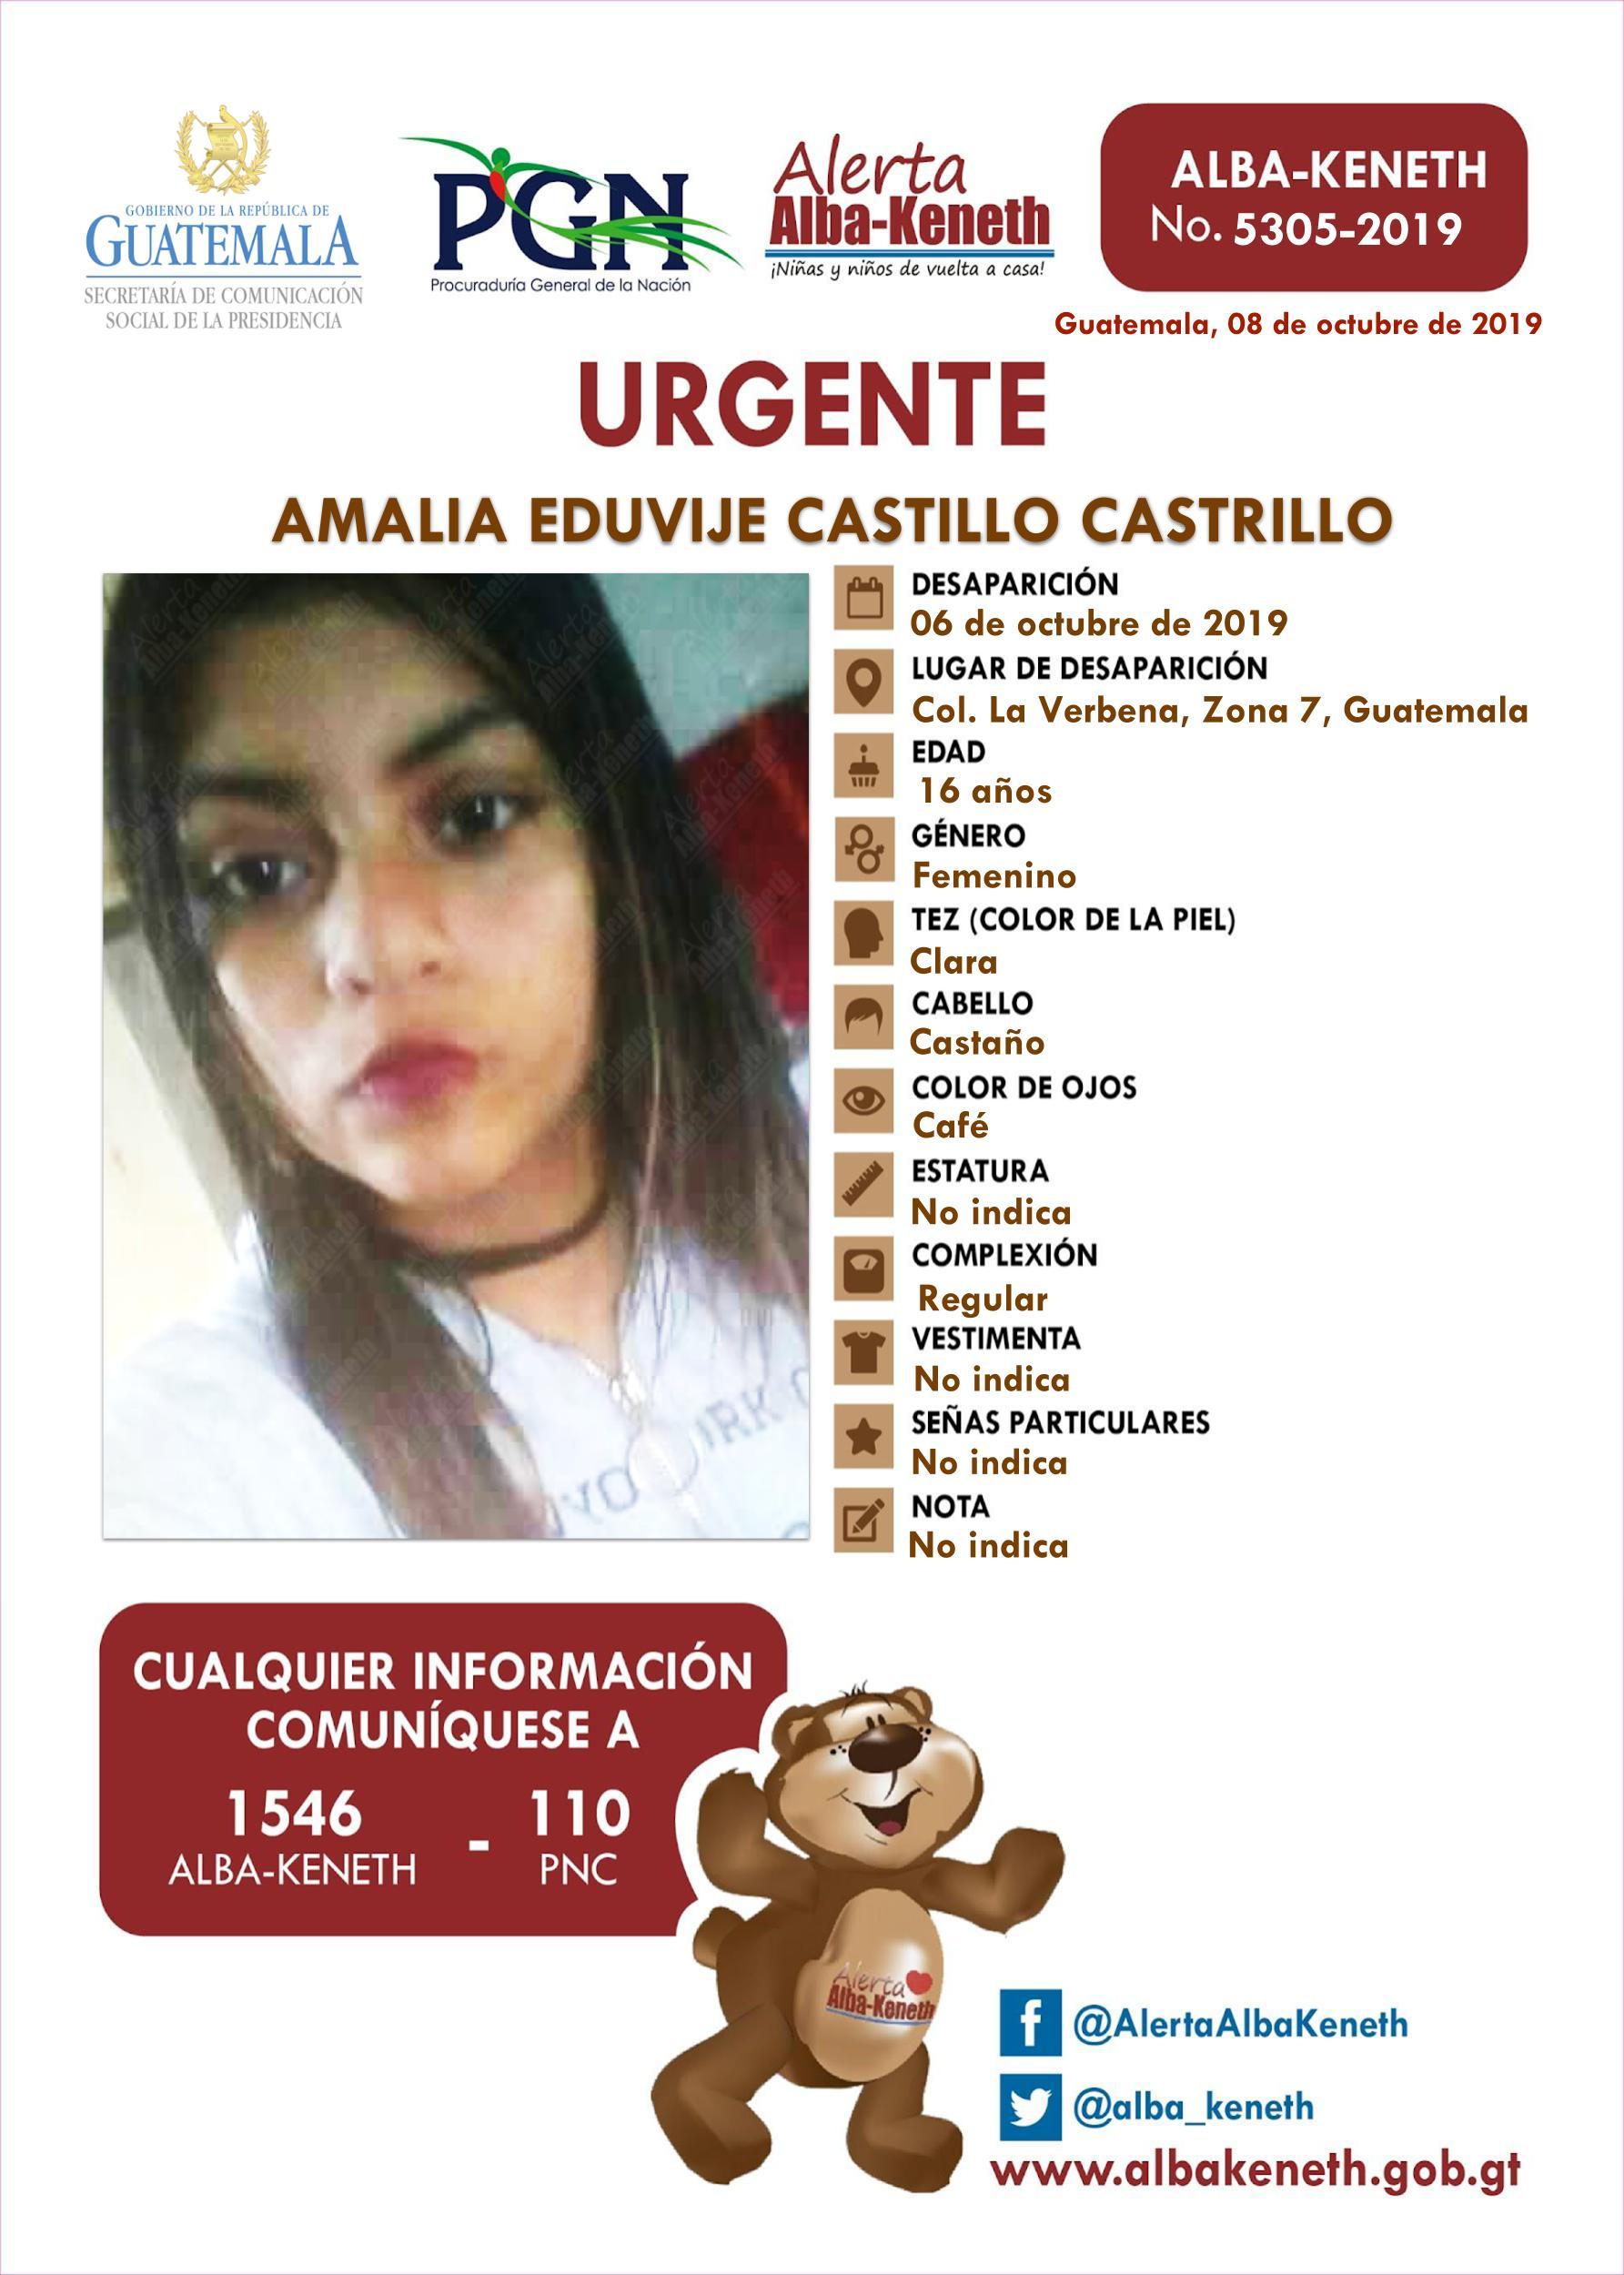 Amalia Eduvije Castillo Castrillo